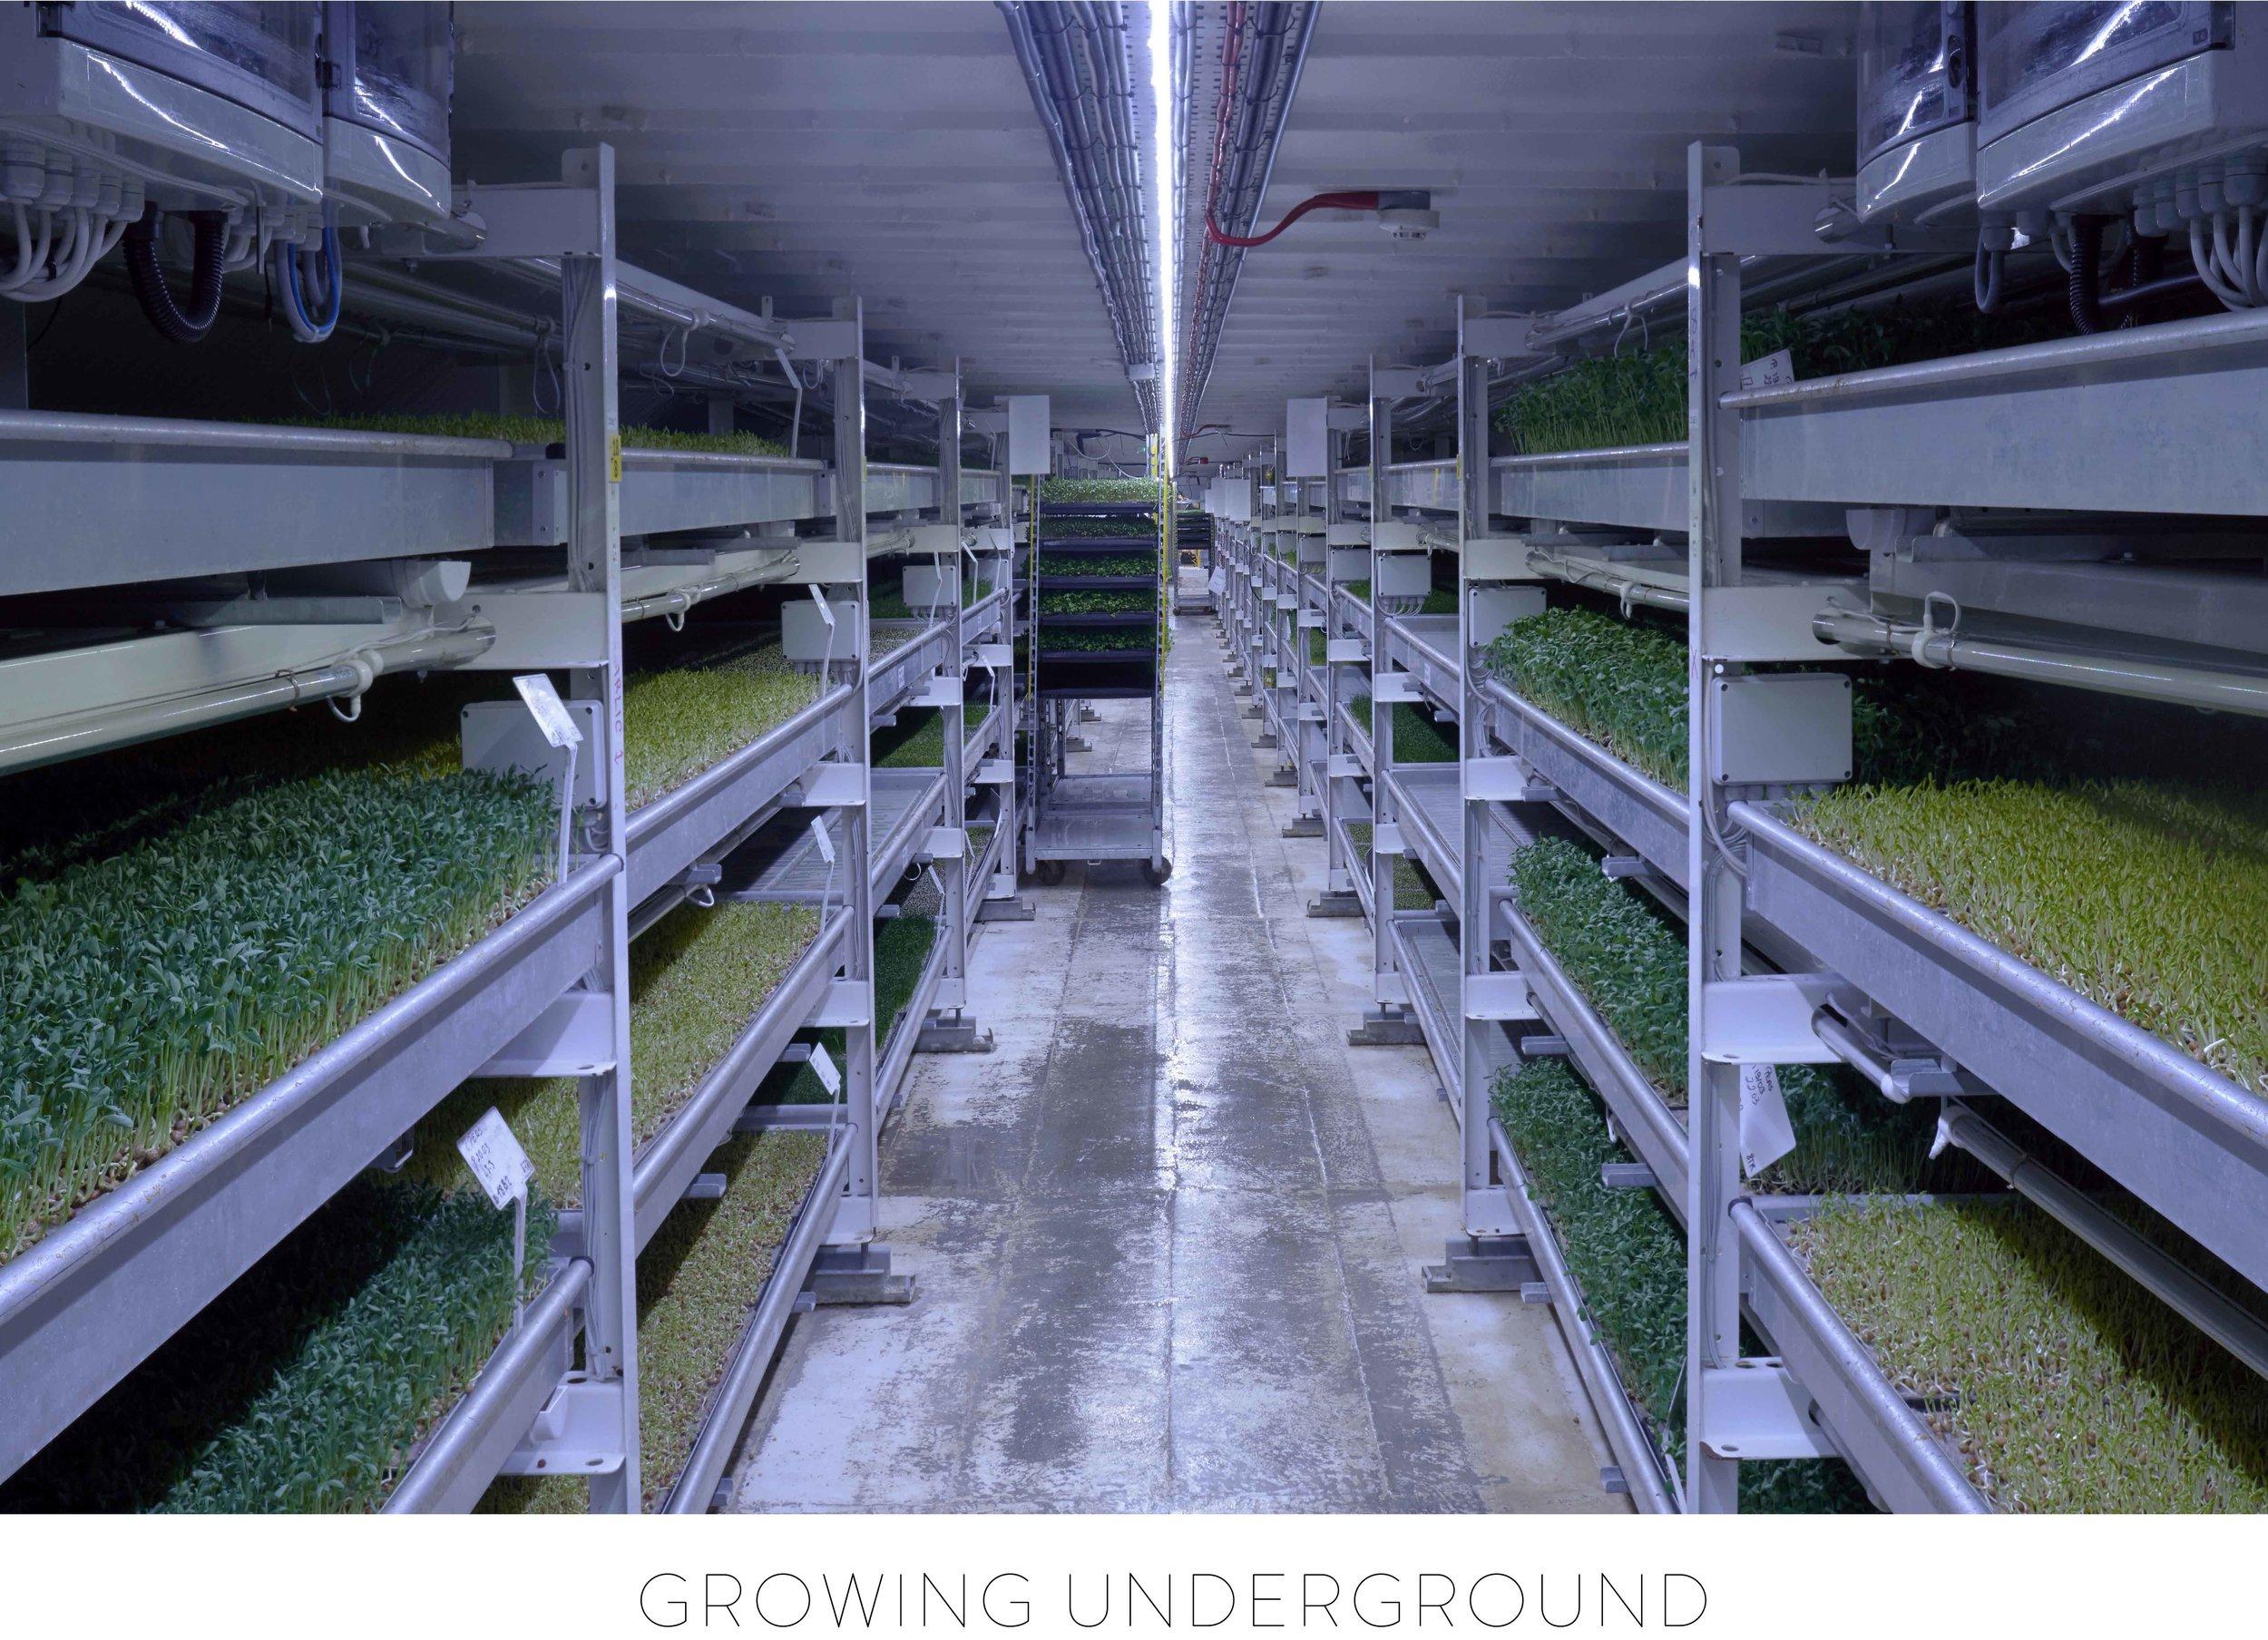 JAMESPARKER_Growing_Underground_002_Text.jpg